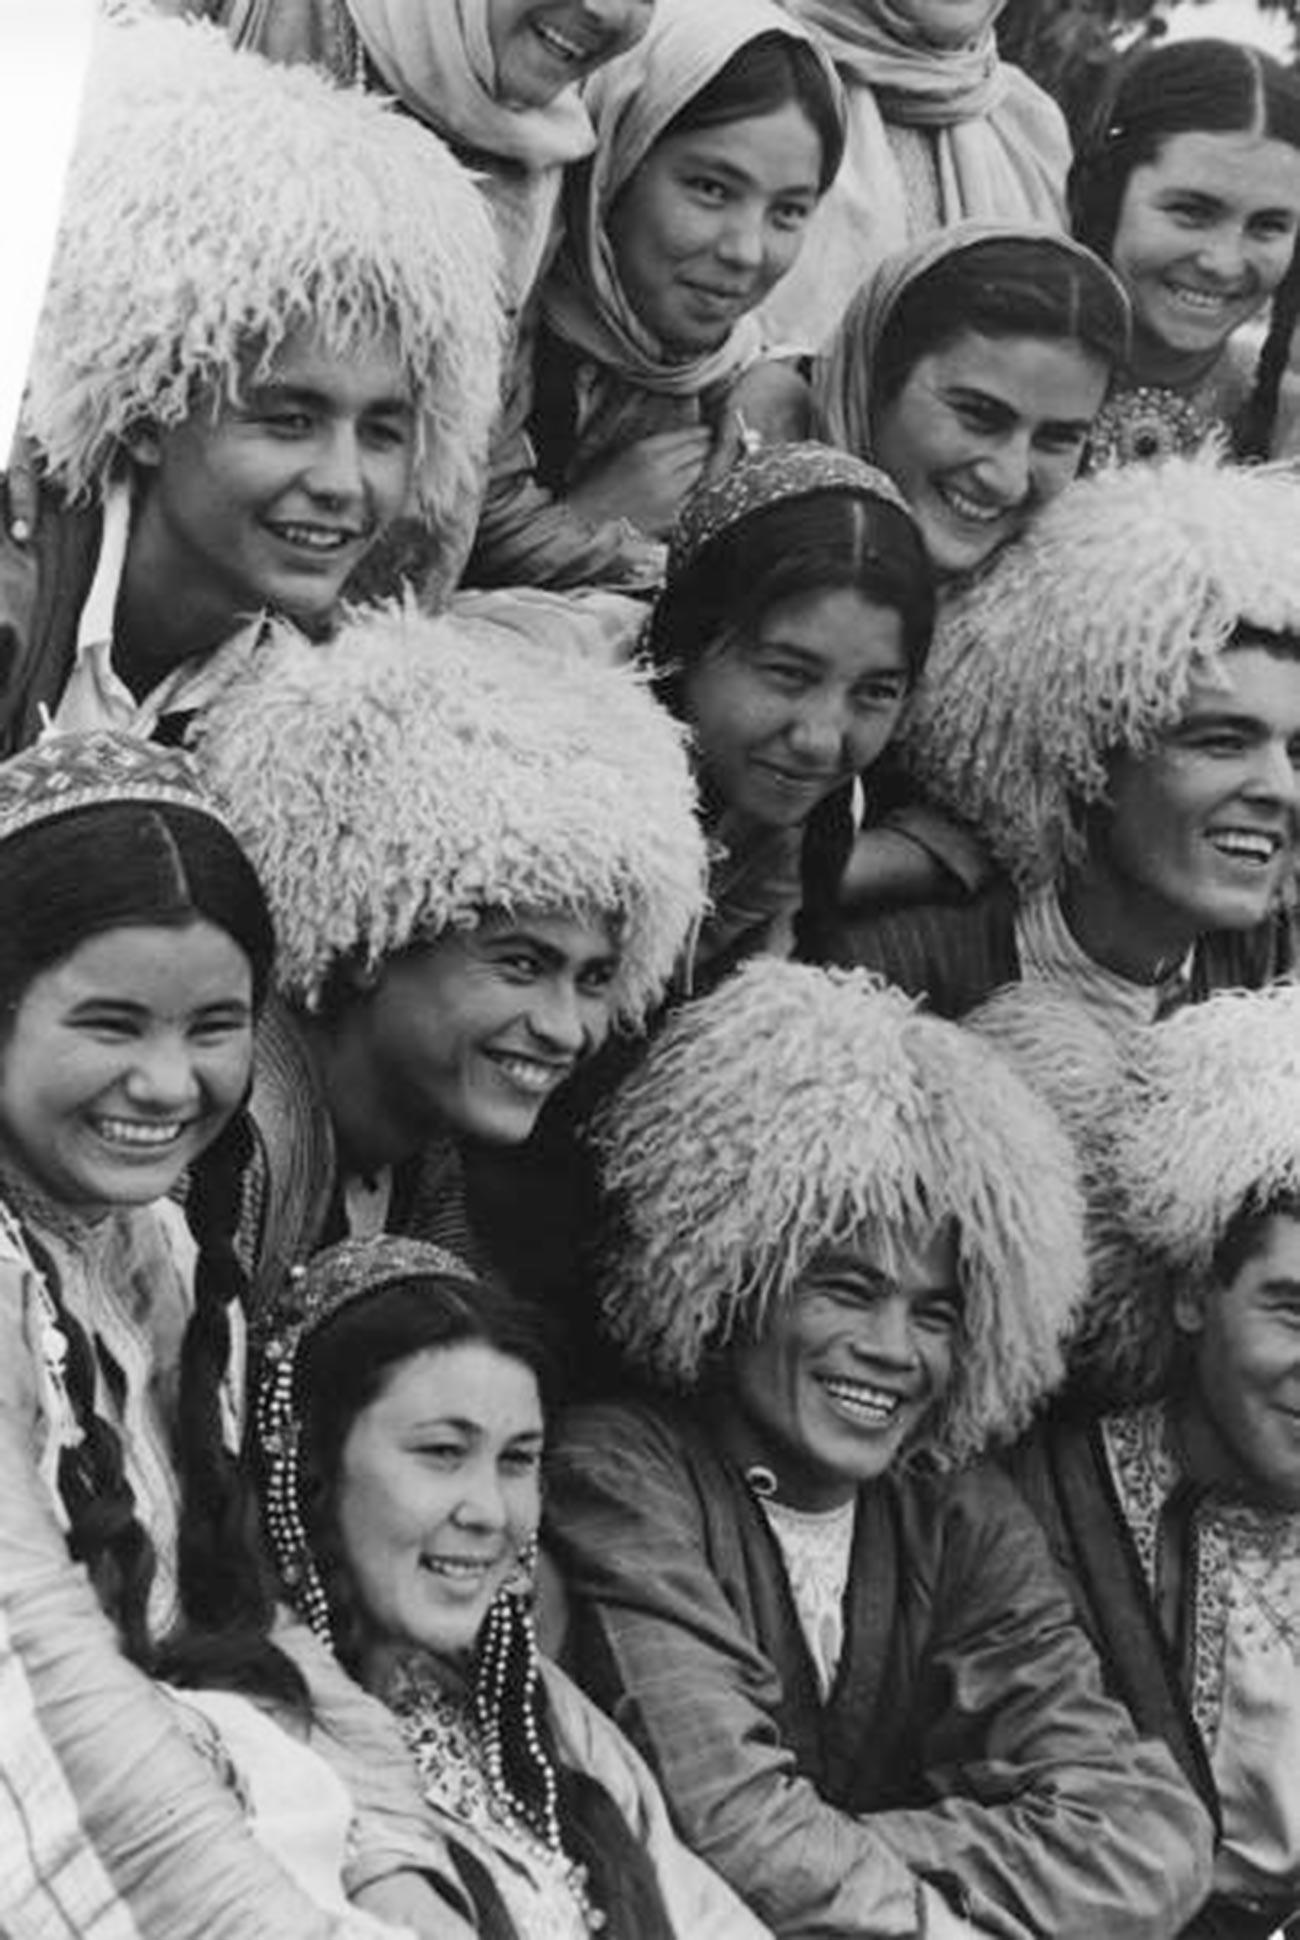 Turkmen youth; 1977.